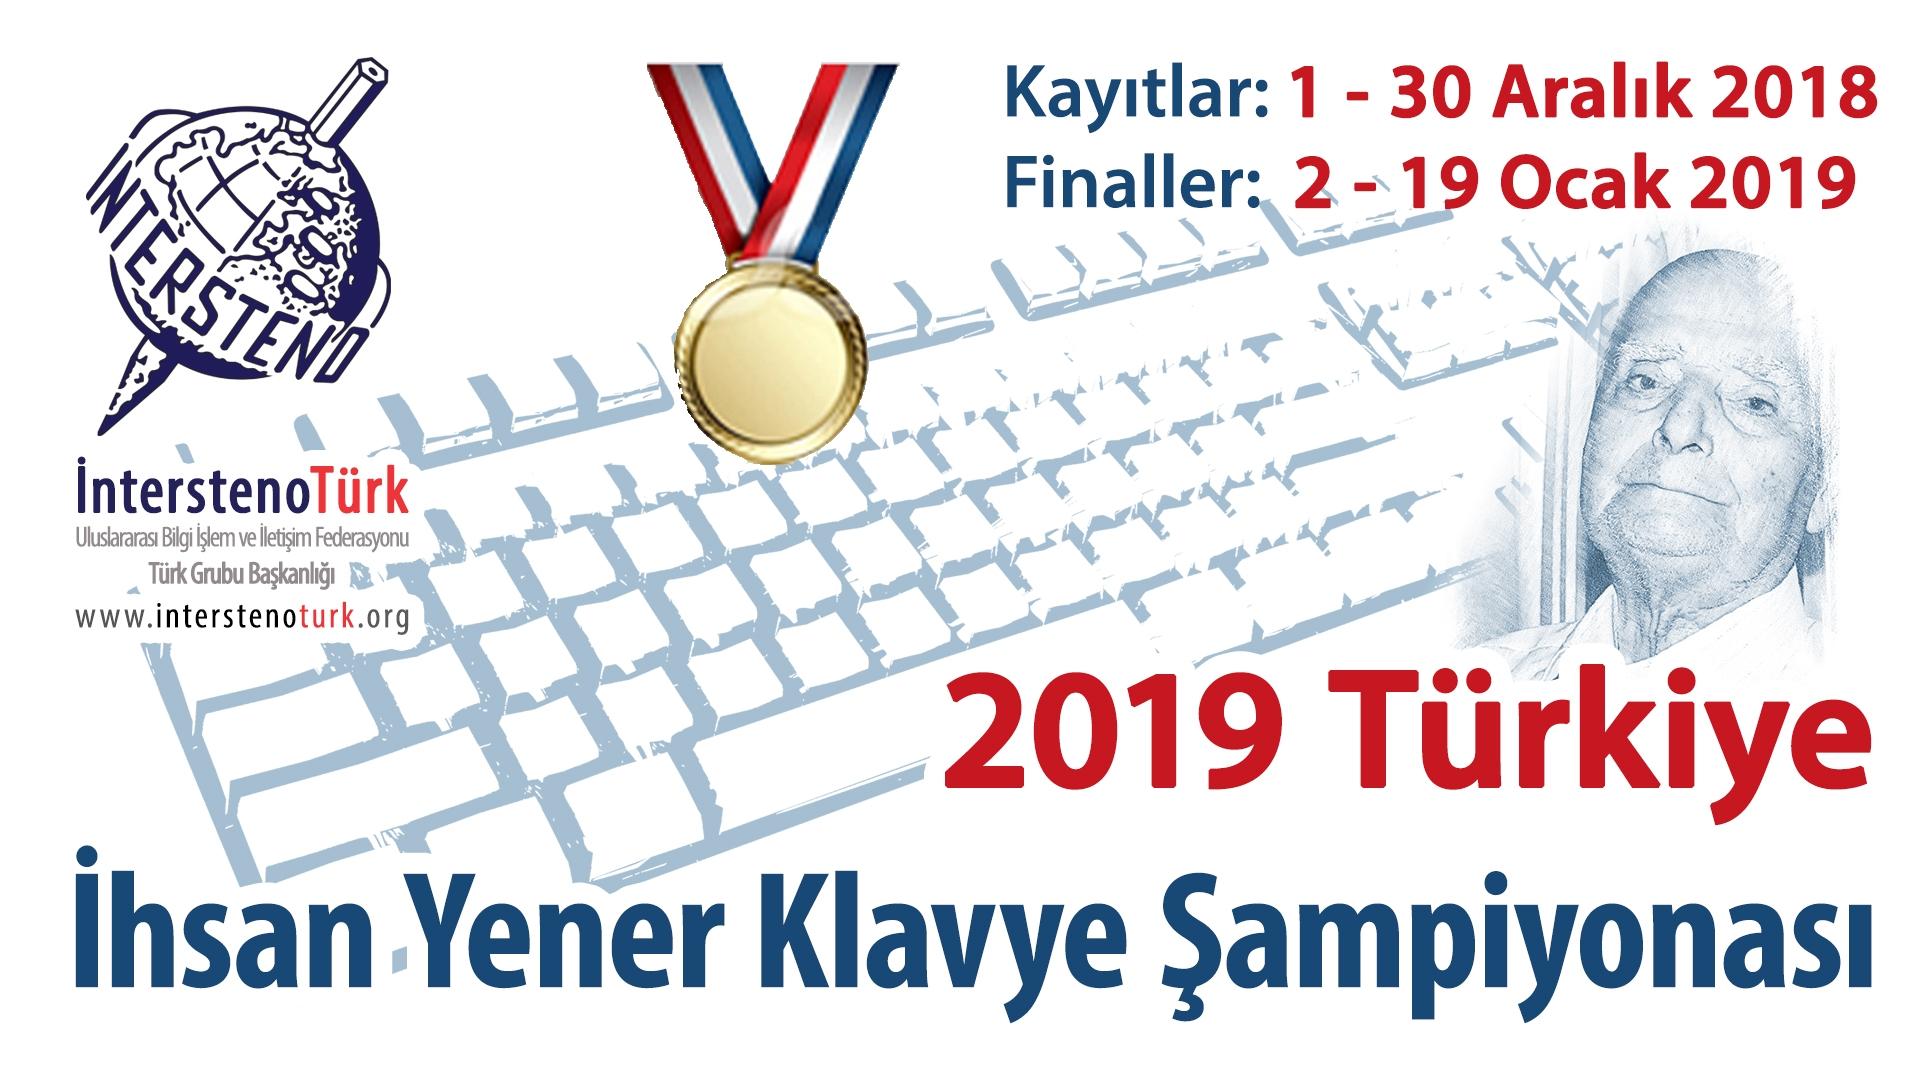 2019-turkiye-banner-event1.jpg